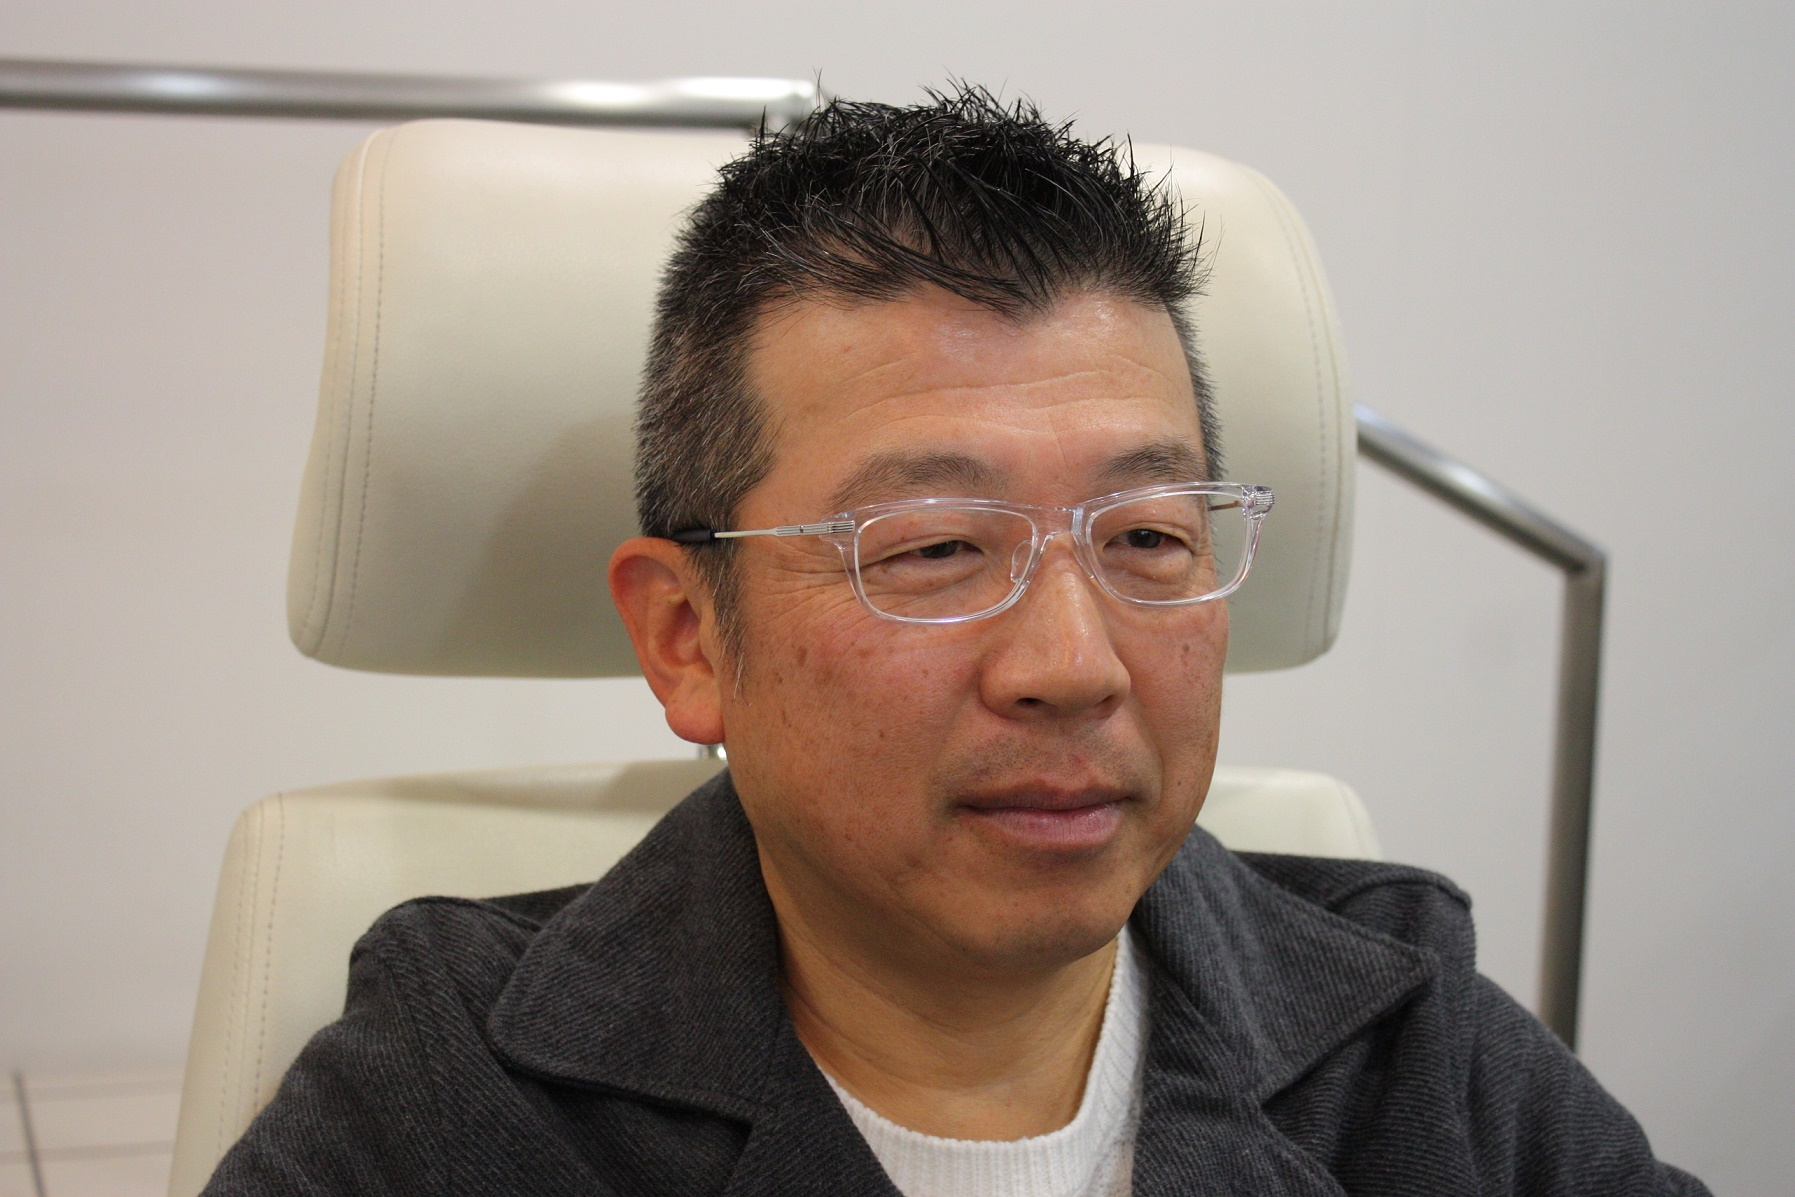 メガネ 999.9 正規取扱 フォーナインズ 東京